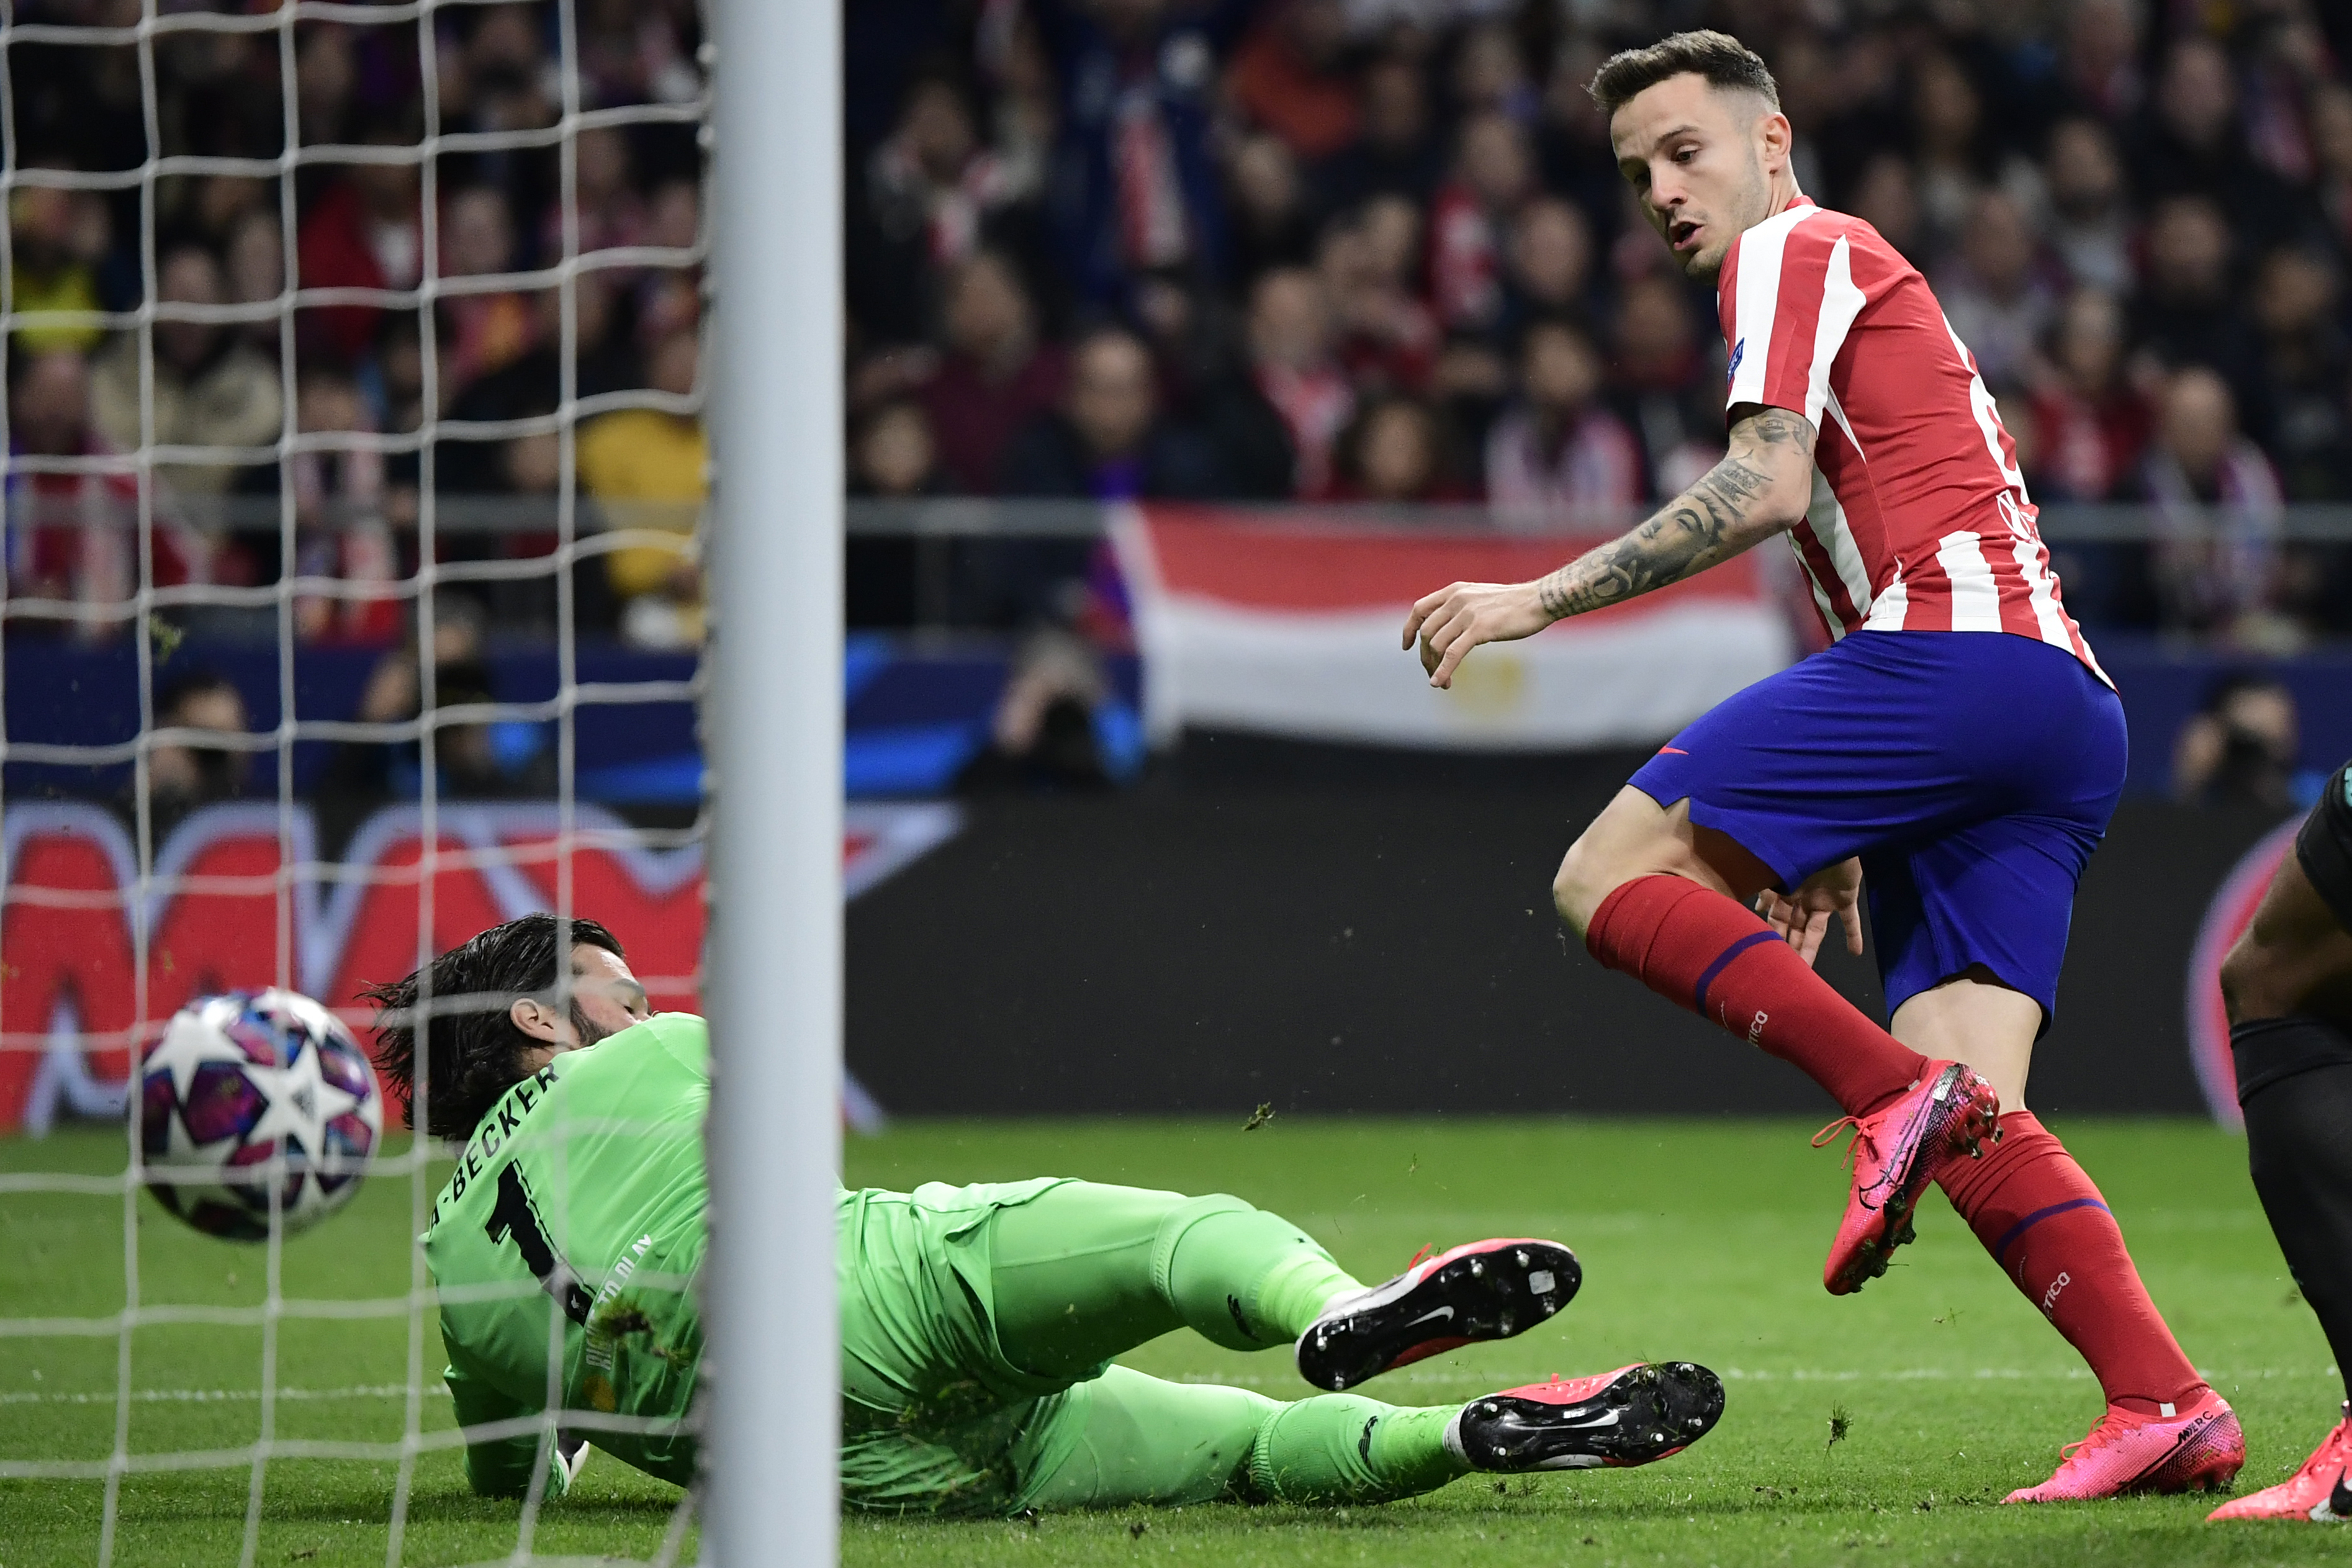 La definición de Saúl Níguez para marcar el único gol del partido.